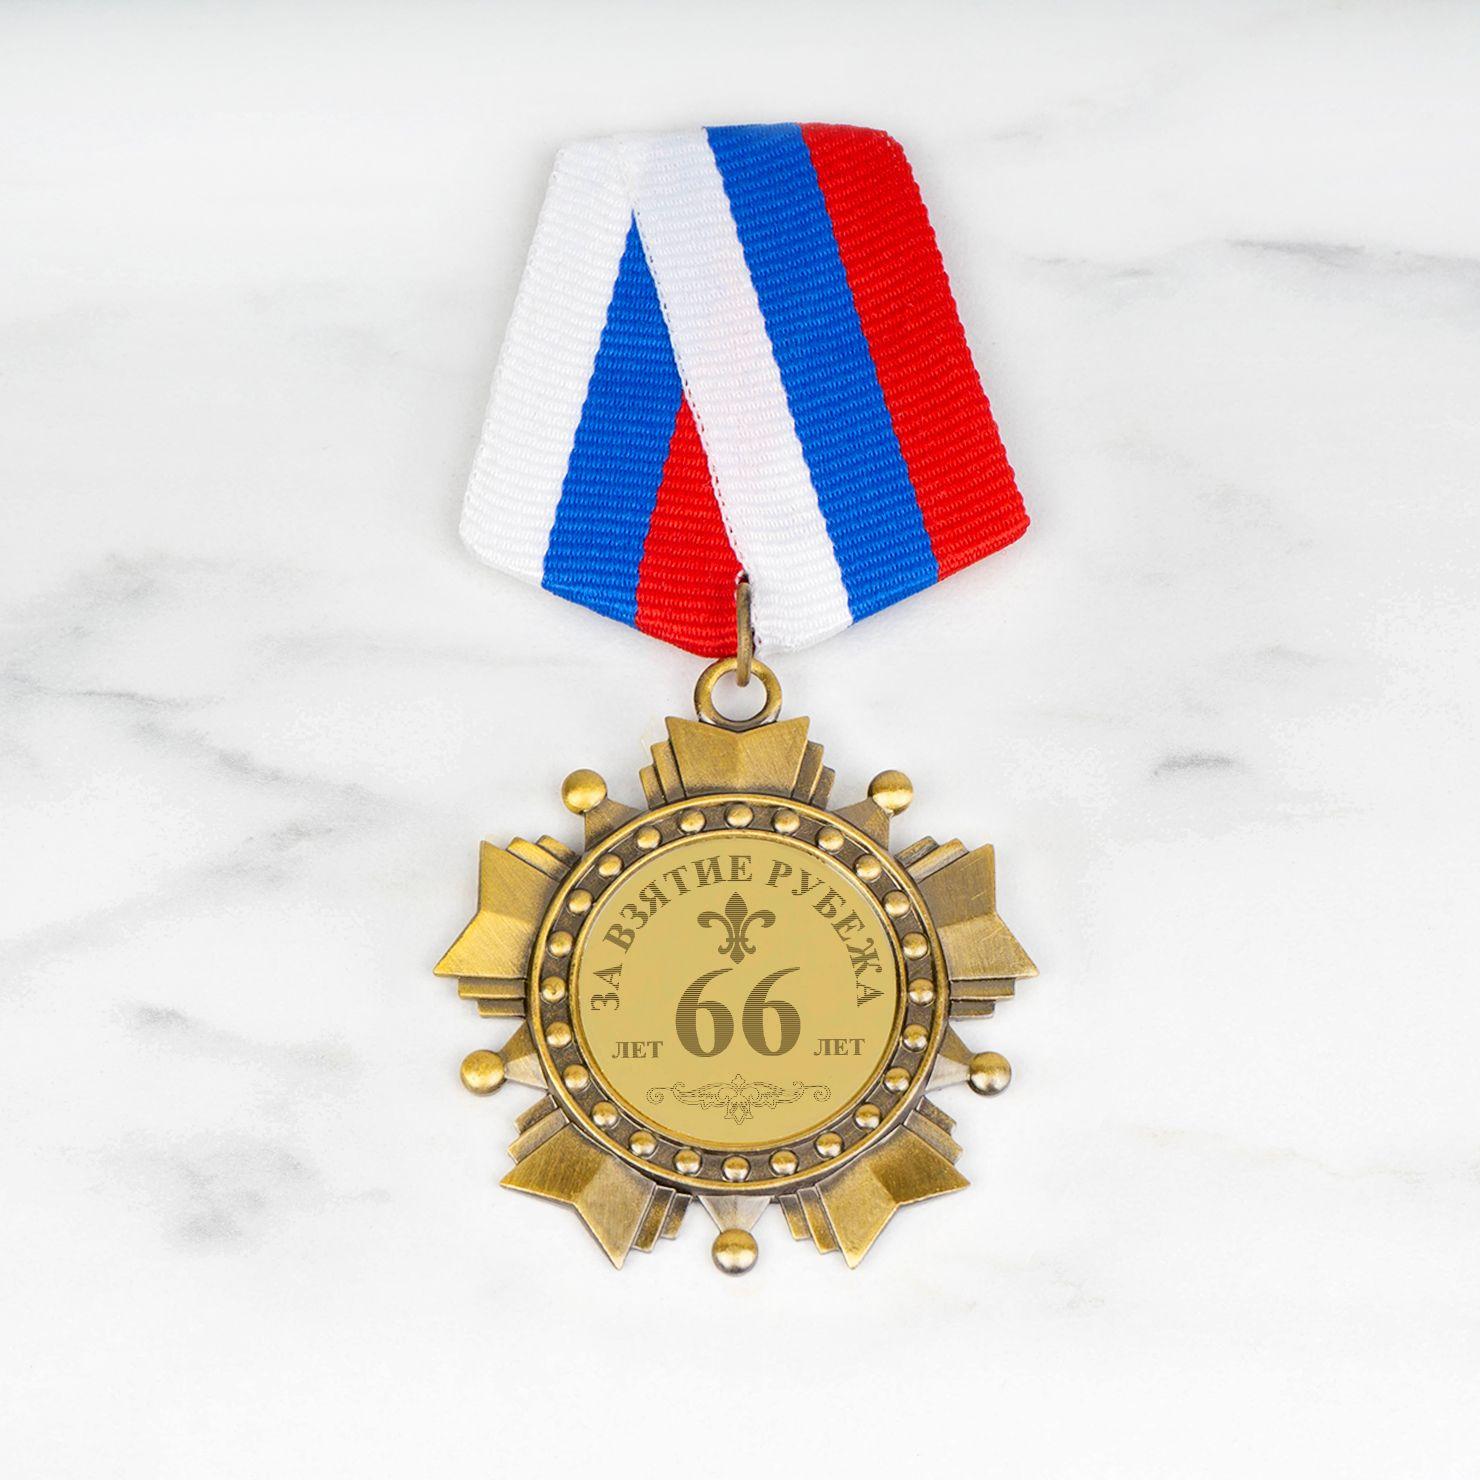 Орден *За взятие рубежа 66 лет*